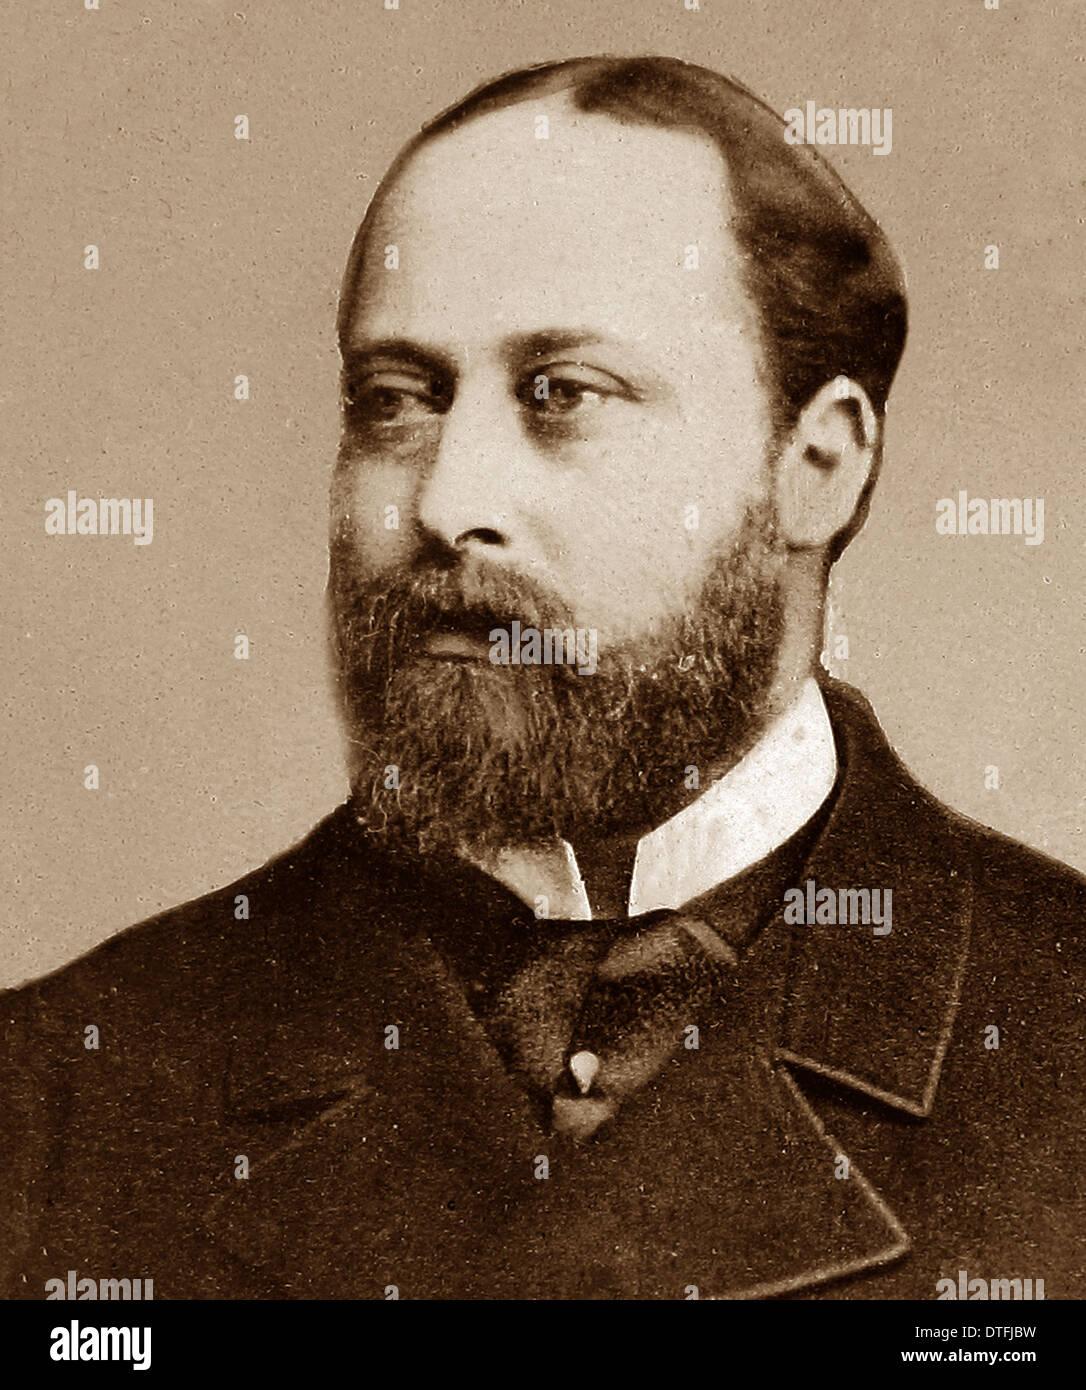 King Edward VII - Stock Image